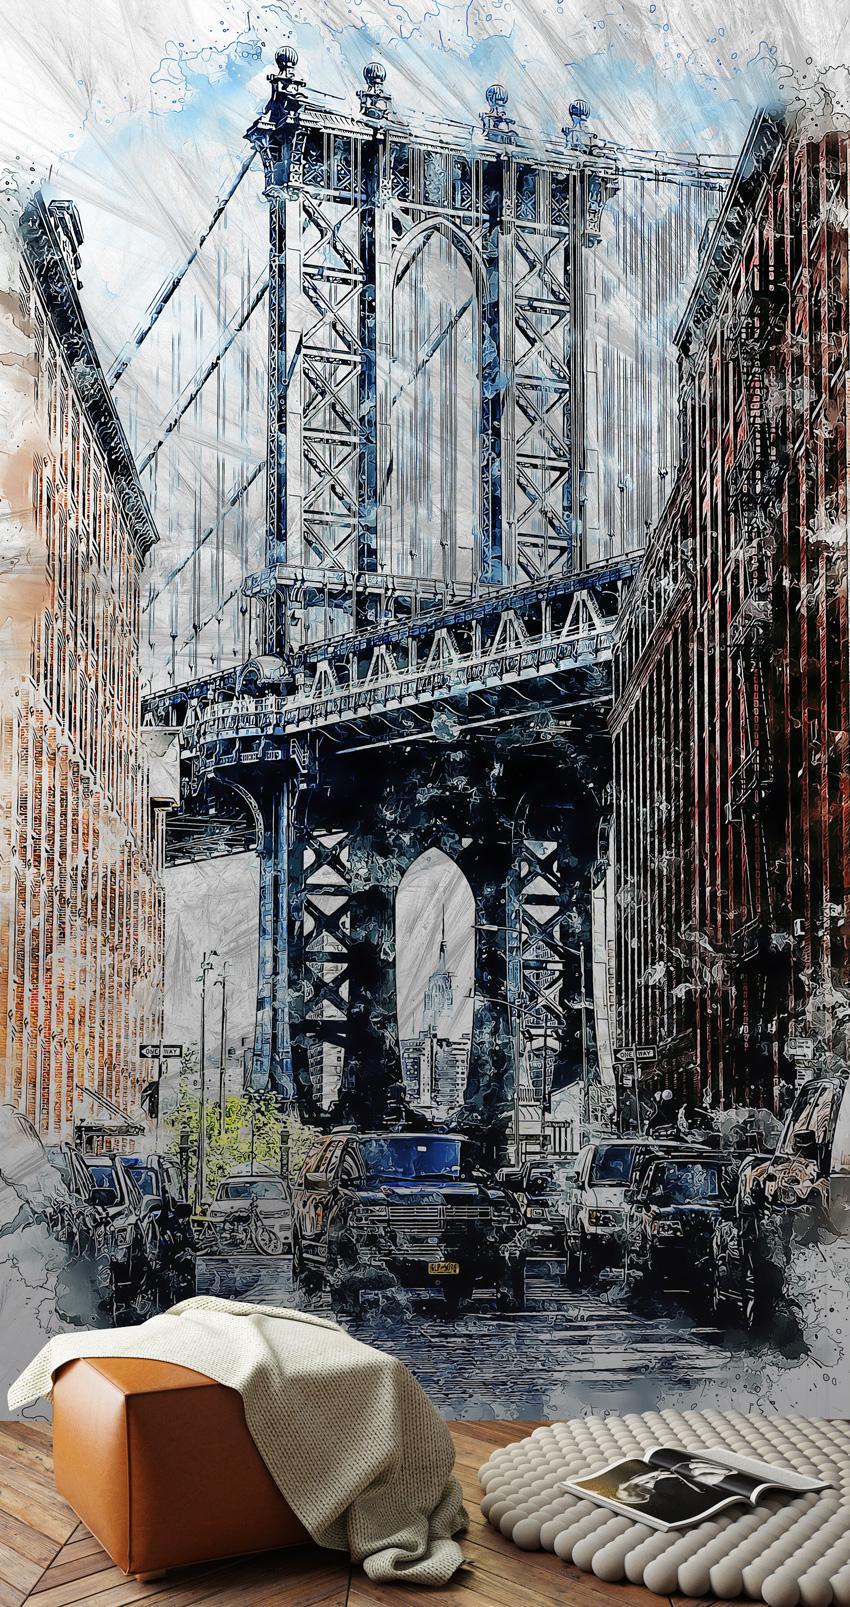 parati pioggia a new york